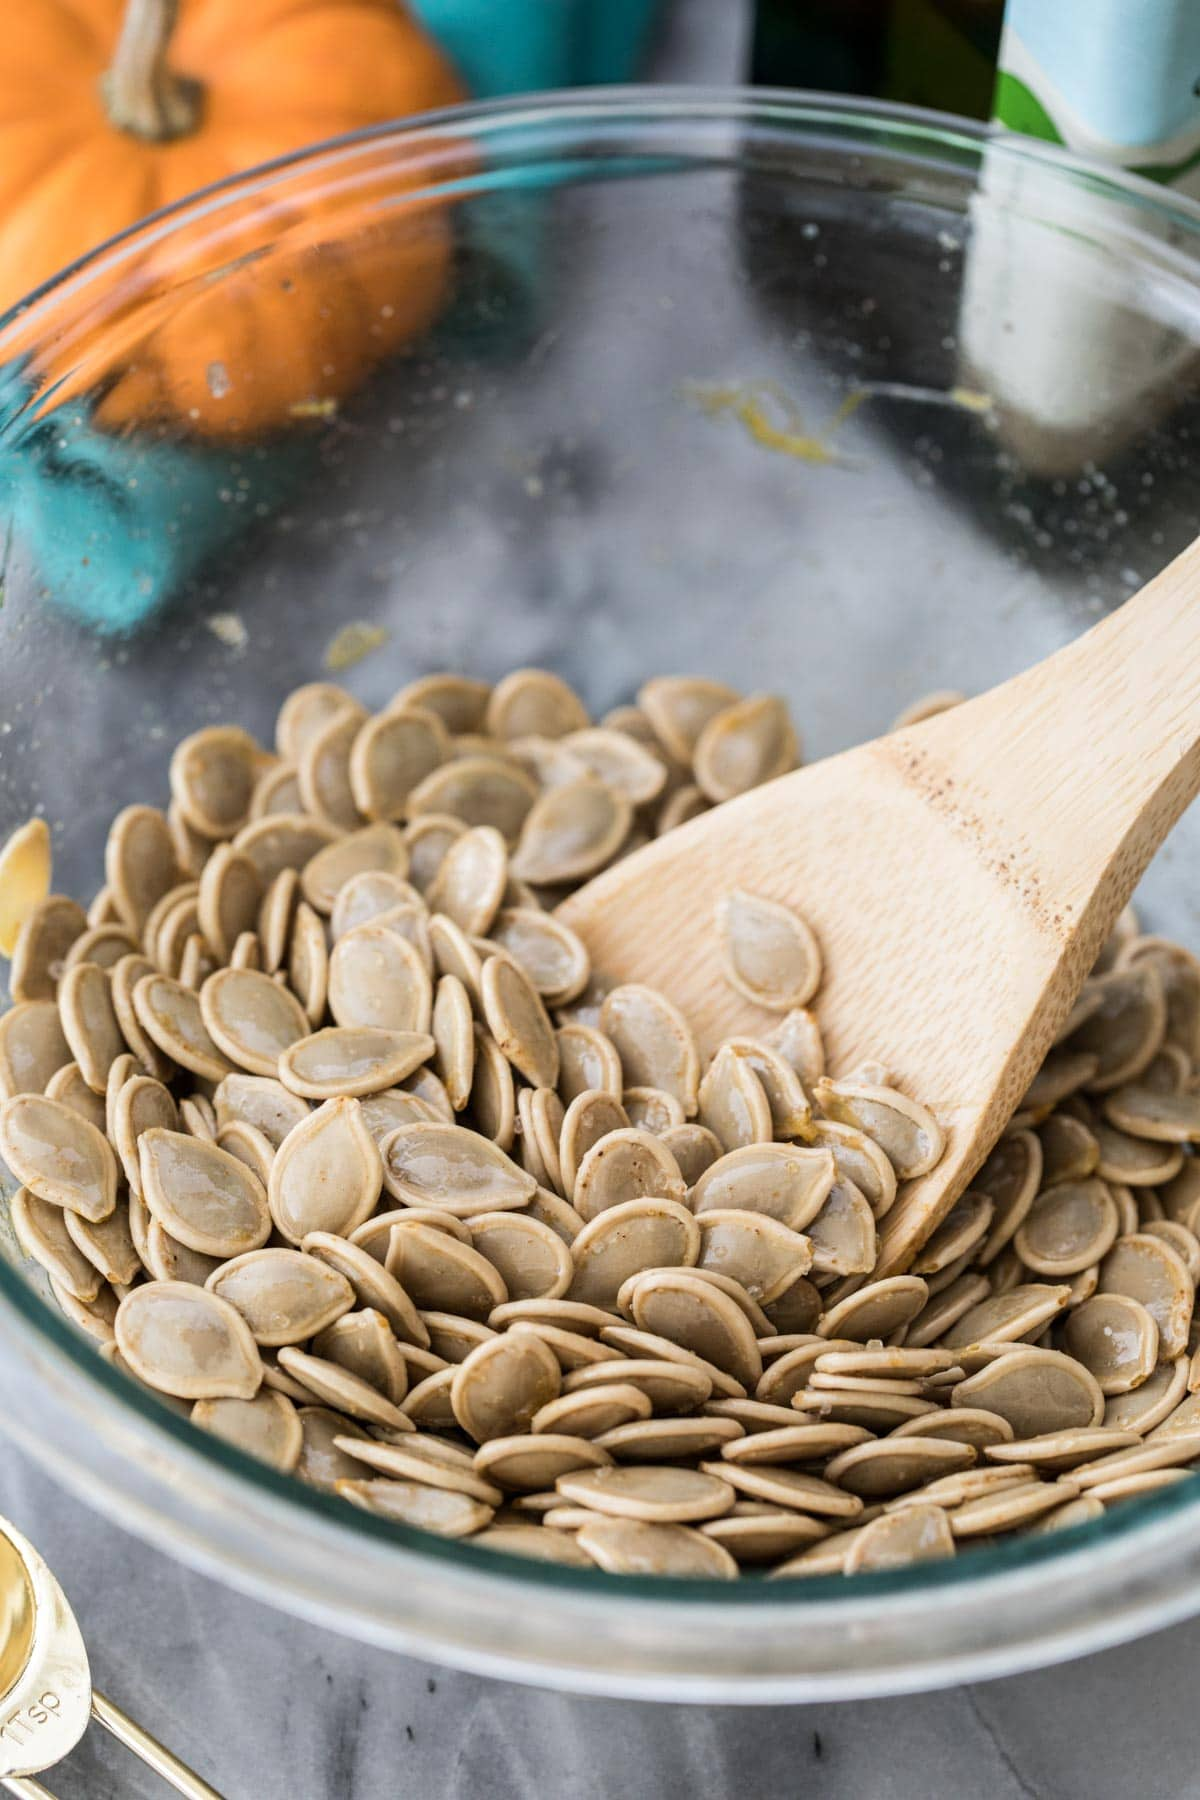 pumpkin seeds after boiling